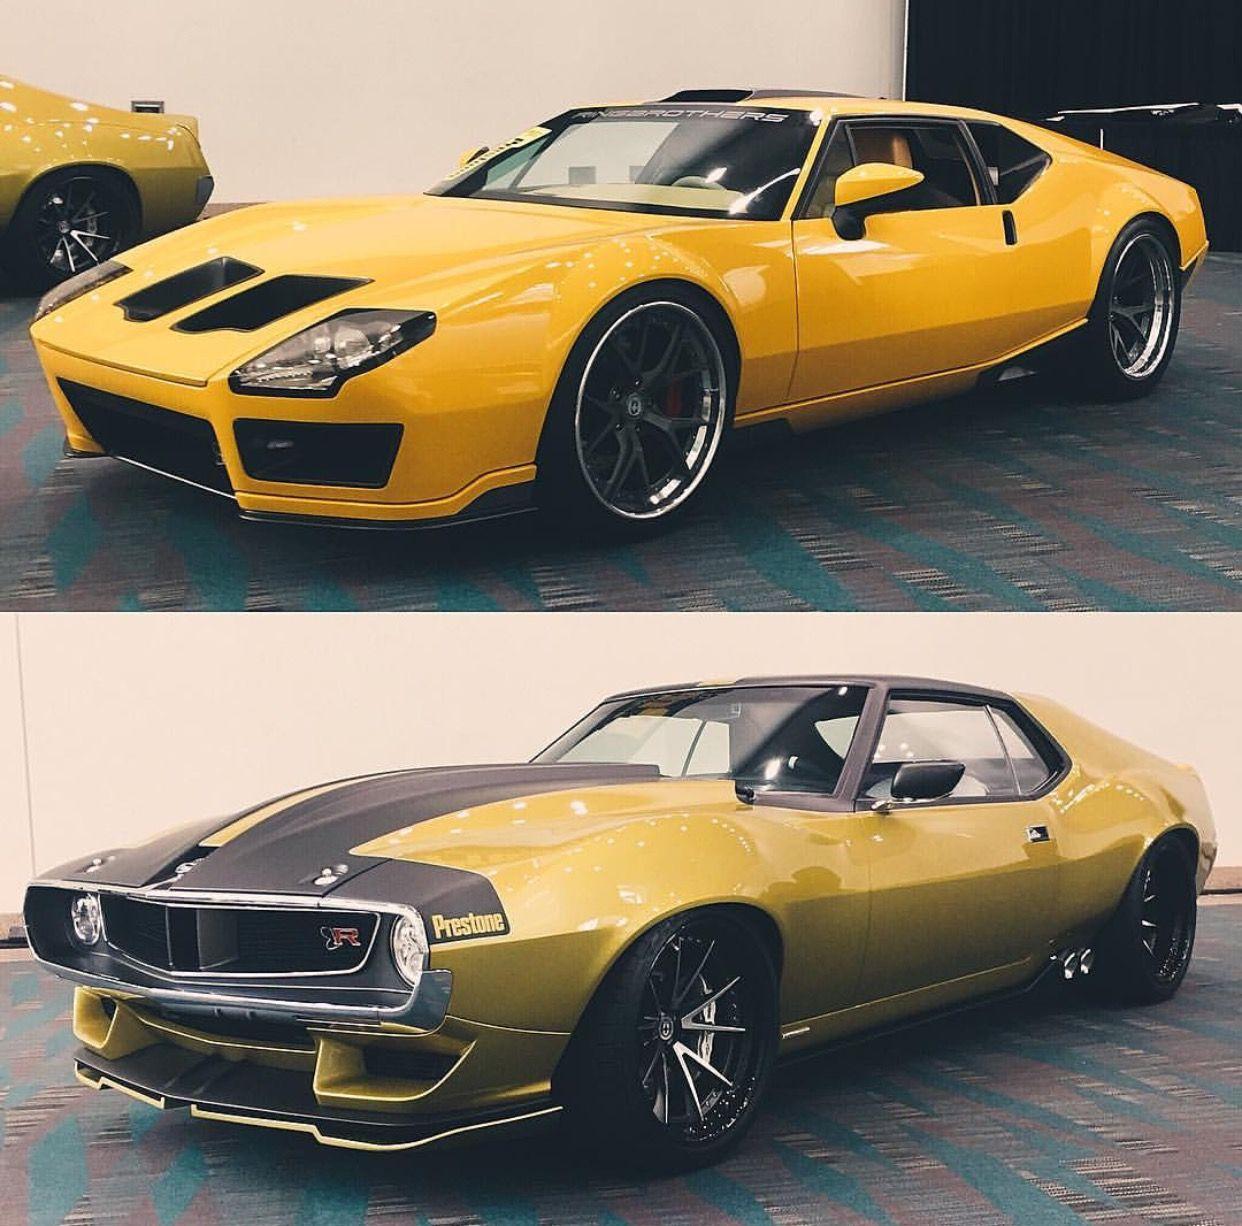 Pantera Vs Javelin Muscle Cars Classic Cars Mopar Muscle Cars